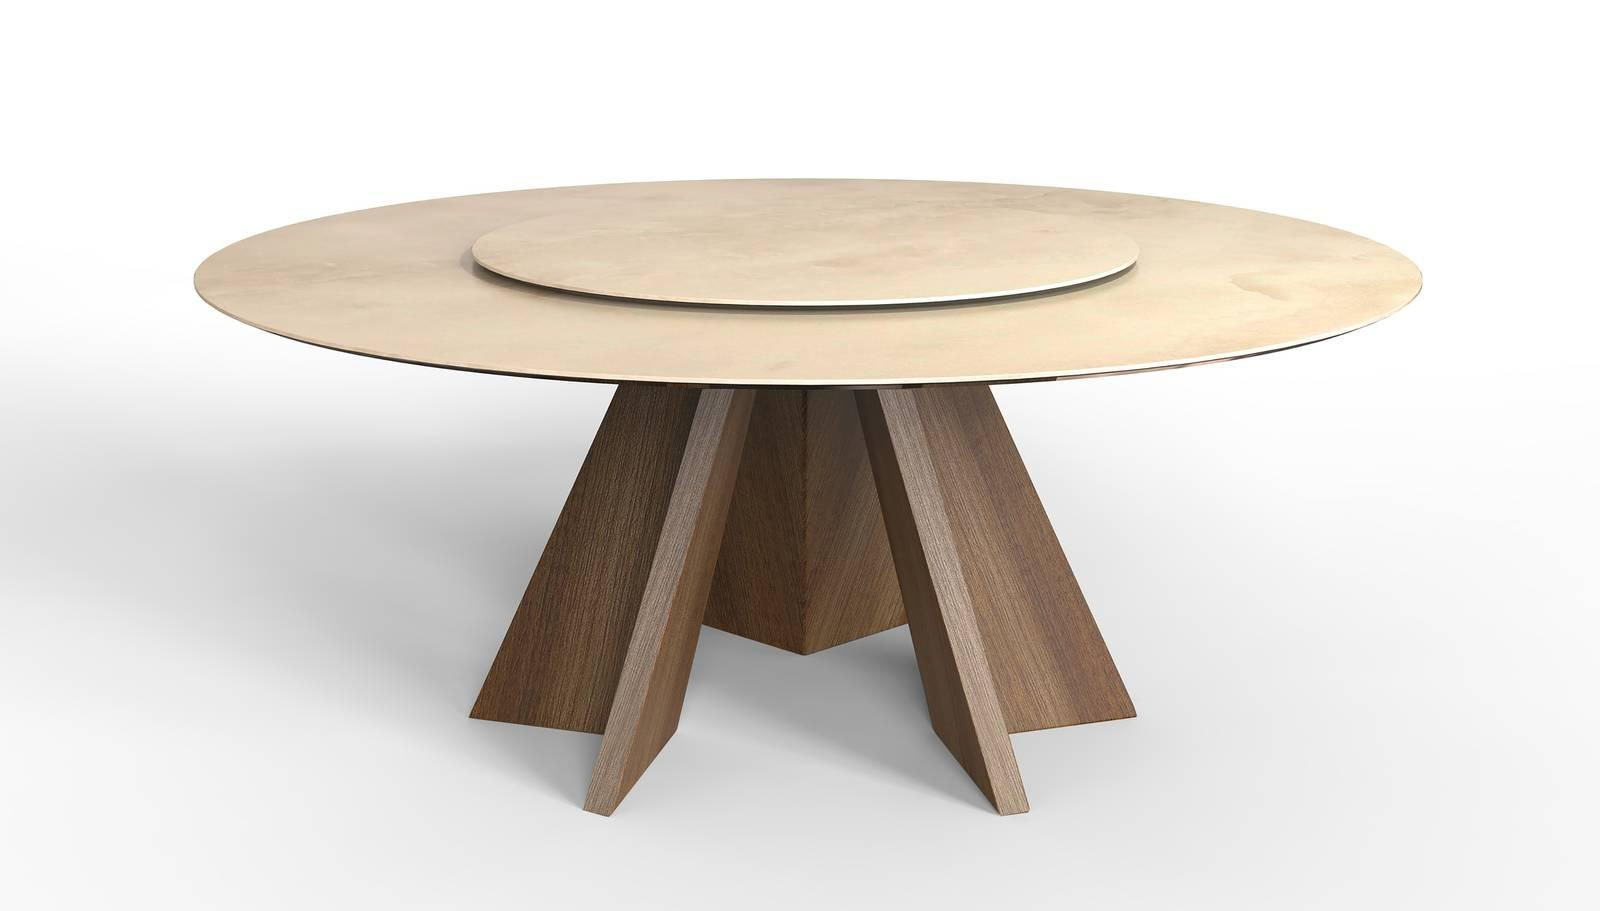 I nuovi tavoli con finiture sempre un po 39 speciali dal for Calligaris tavolo rotondo